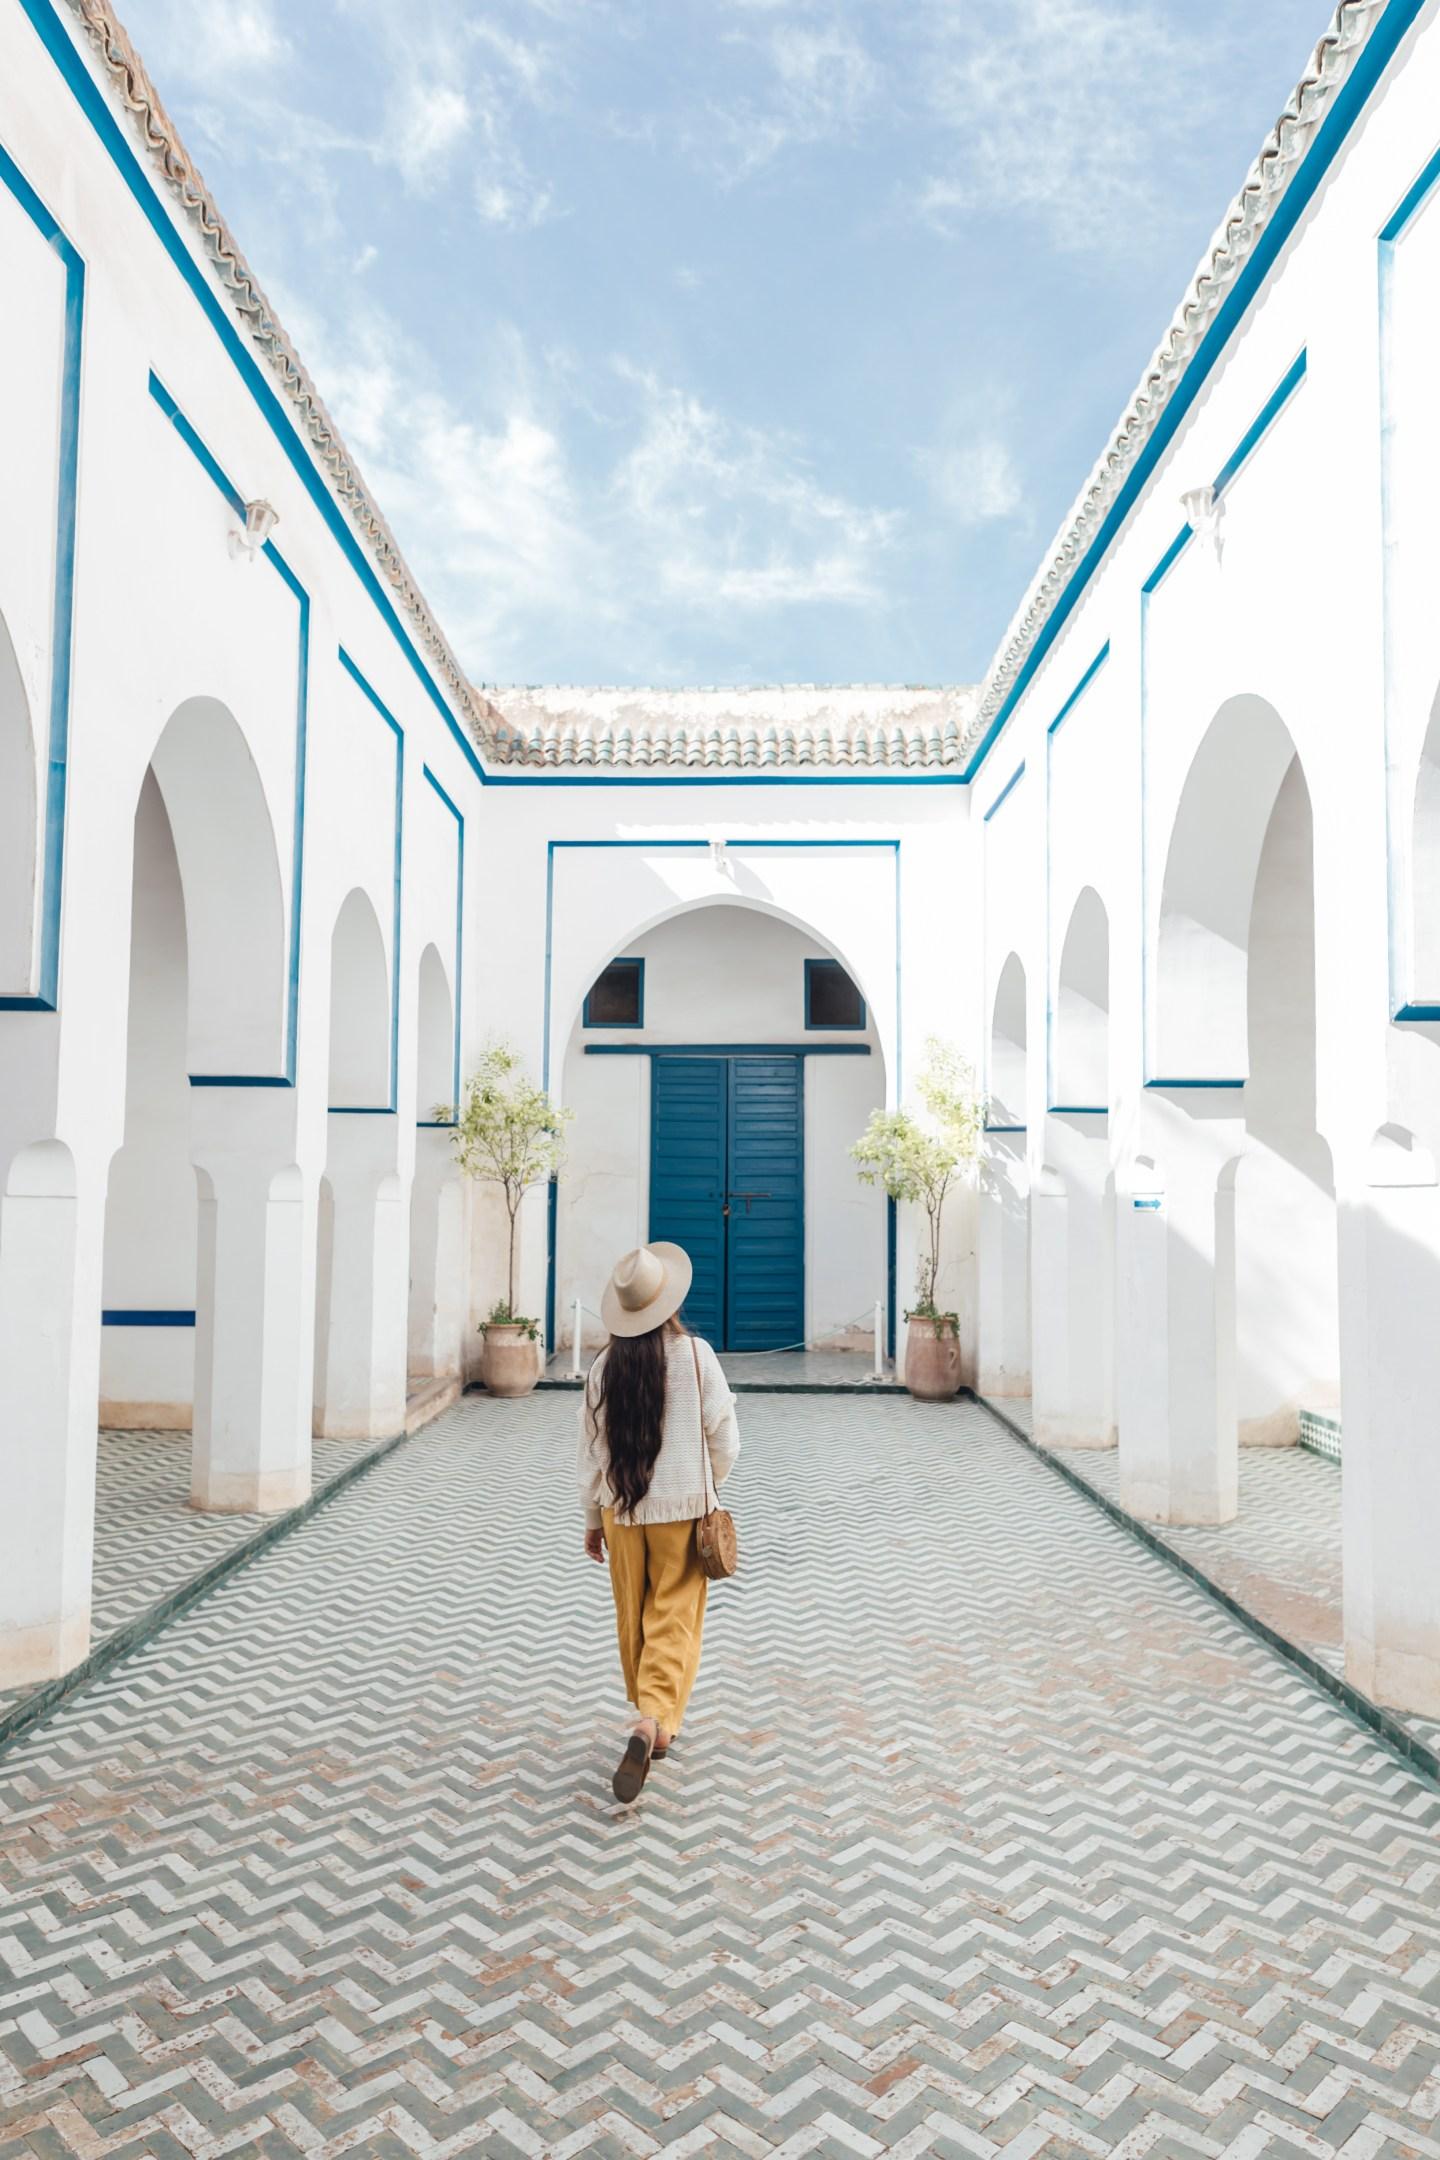 Exploring La Bahia Palace, Marrakech